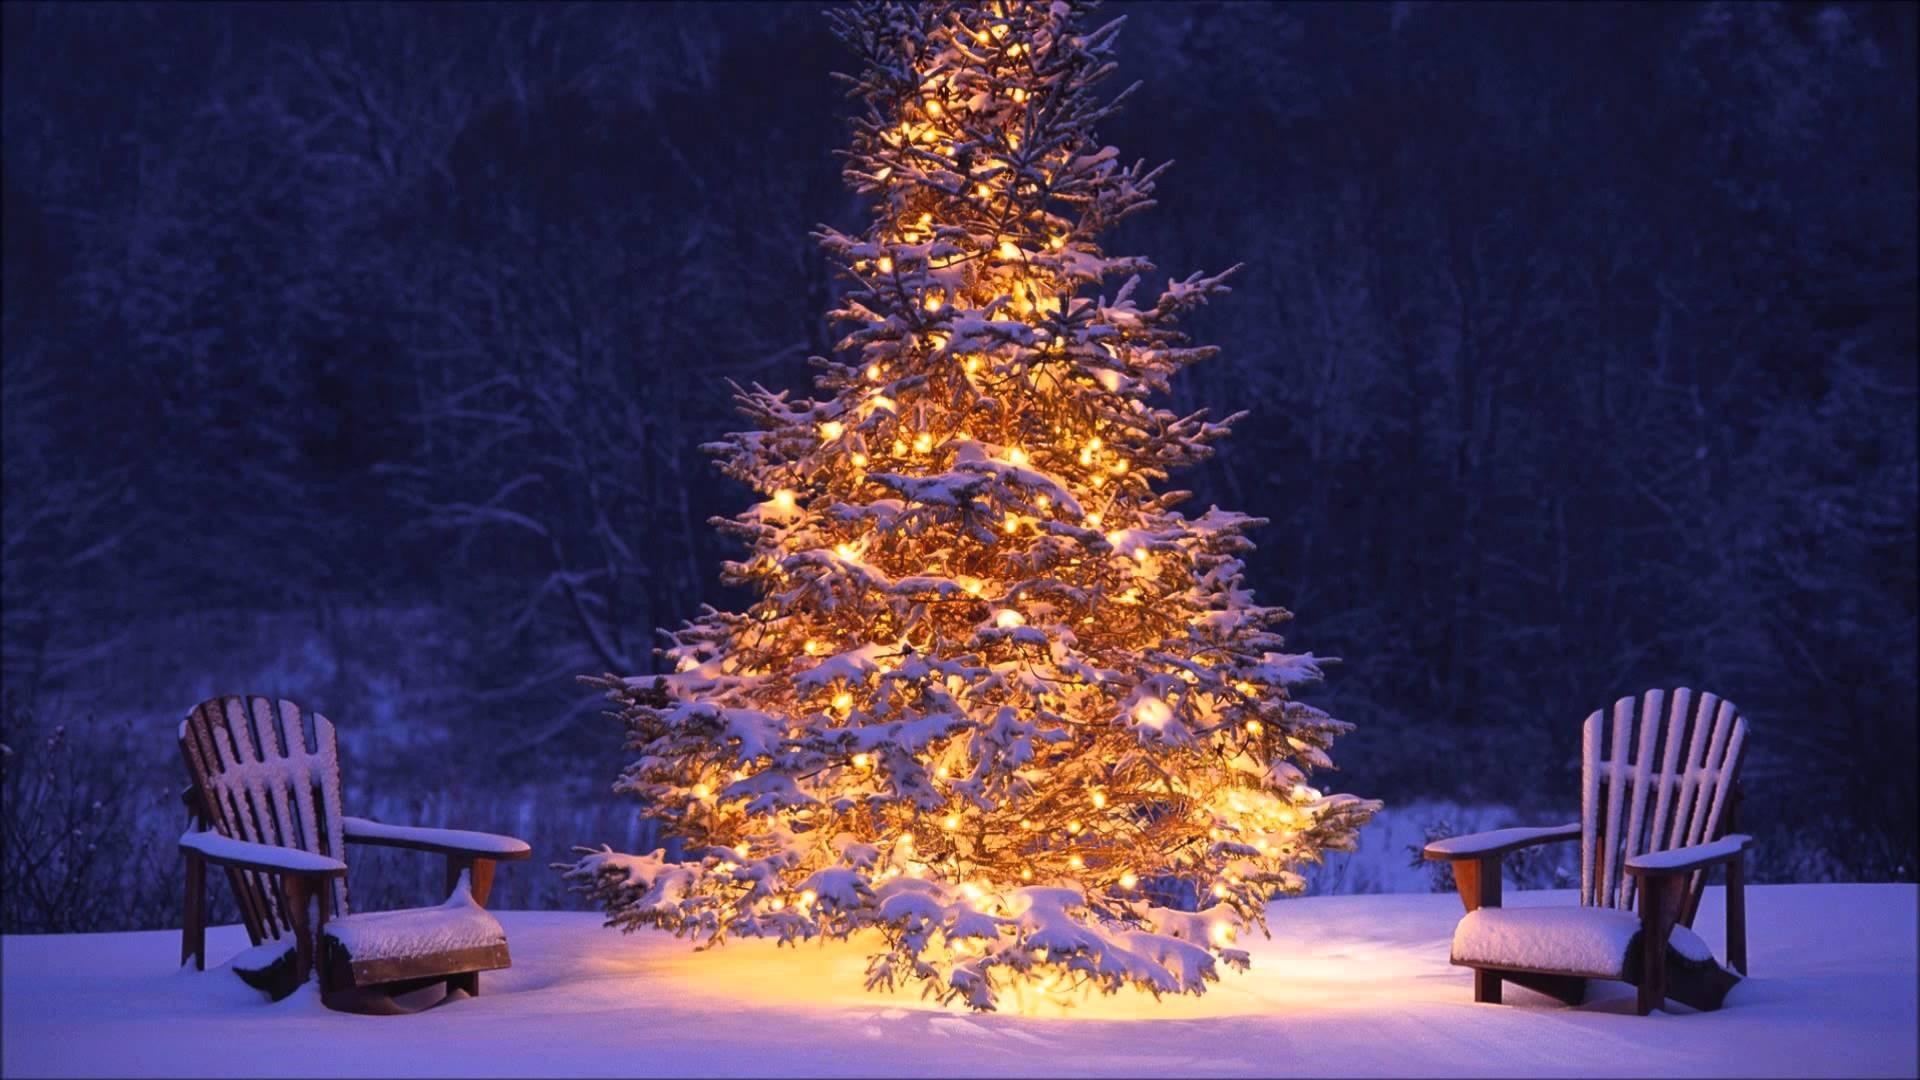 Лучшие обои для рабочего стола Новый год зима (2)